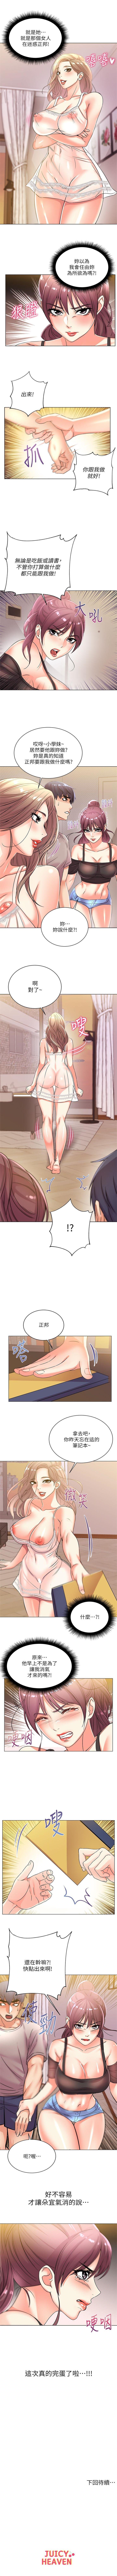 (週3)超市的漂亮姐姐 1-22 中文翻譯(更新中) 119